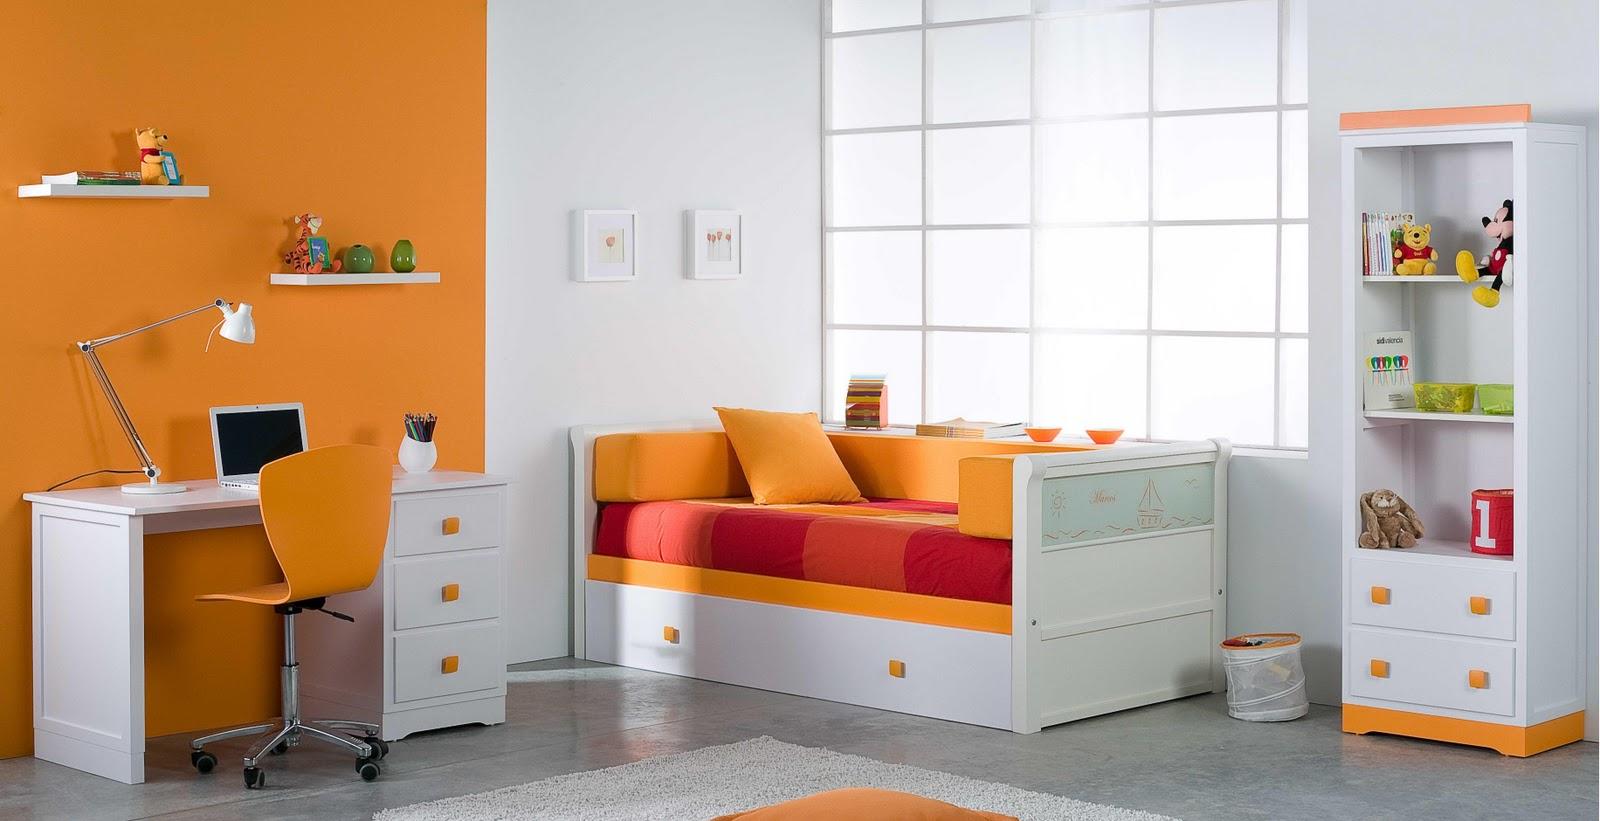 Bianchi muebles dormitorios juveniles valencia - Dormitorios infantiles valencia ...